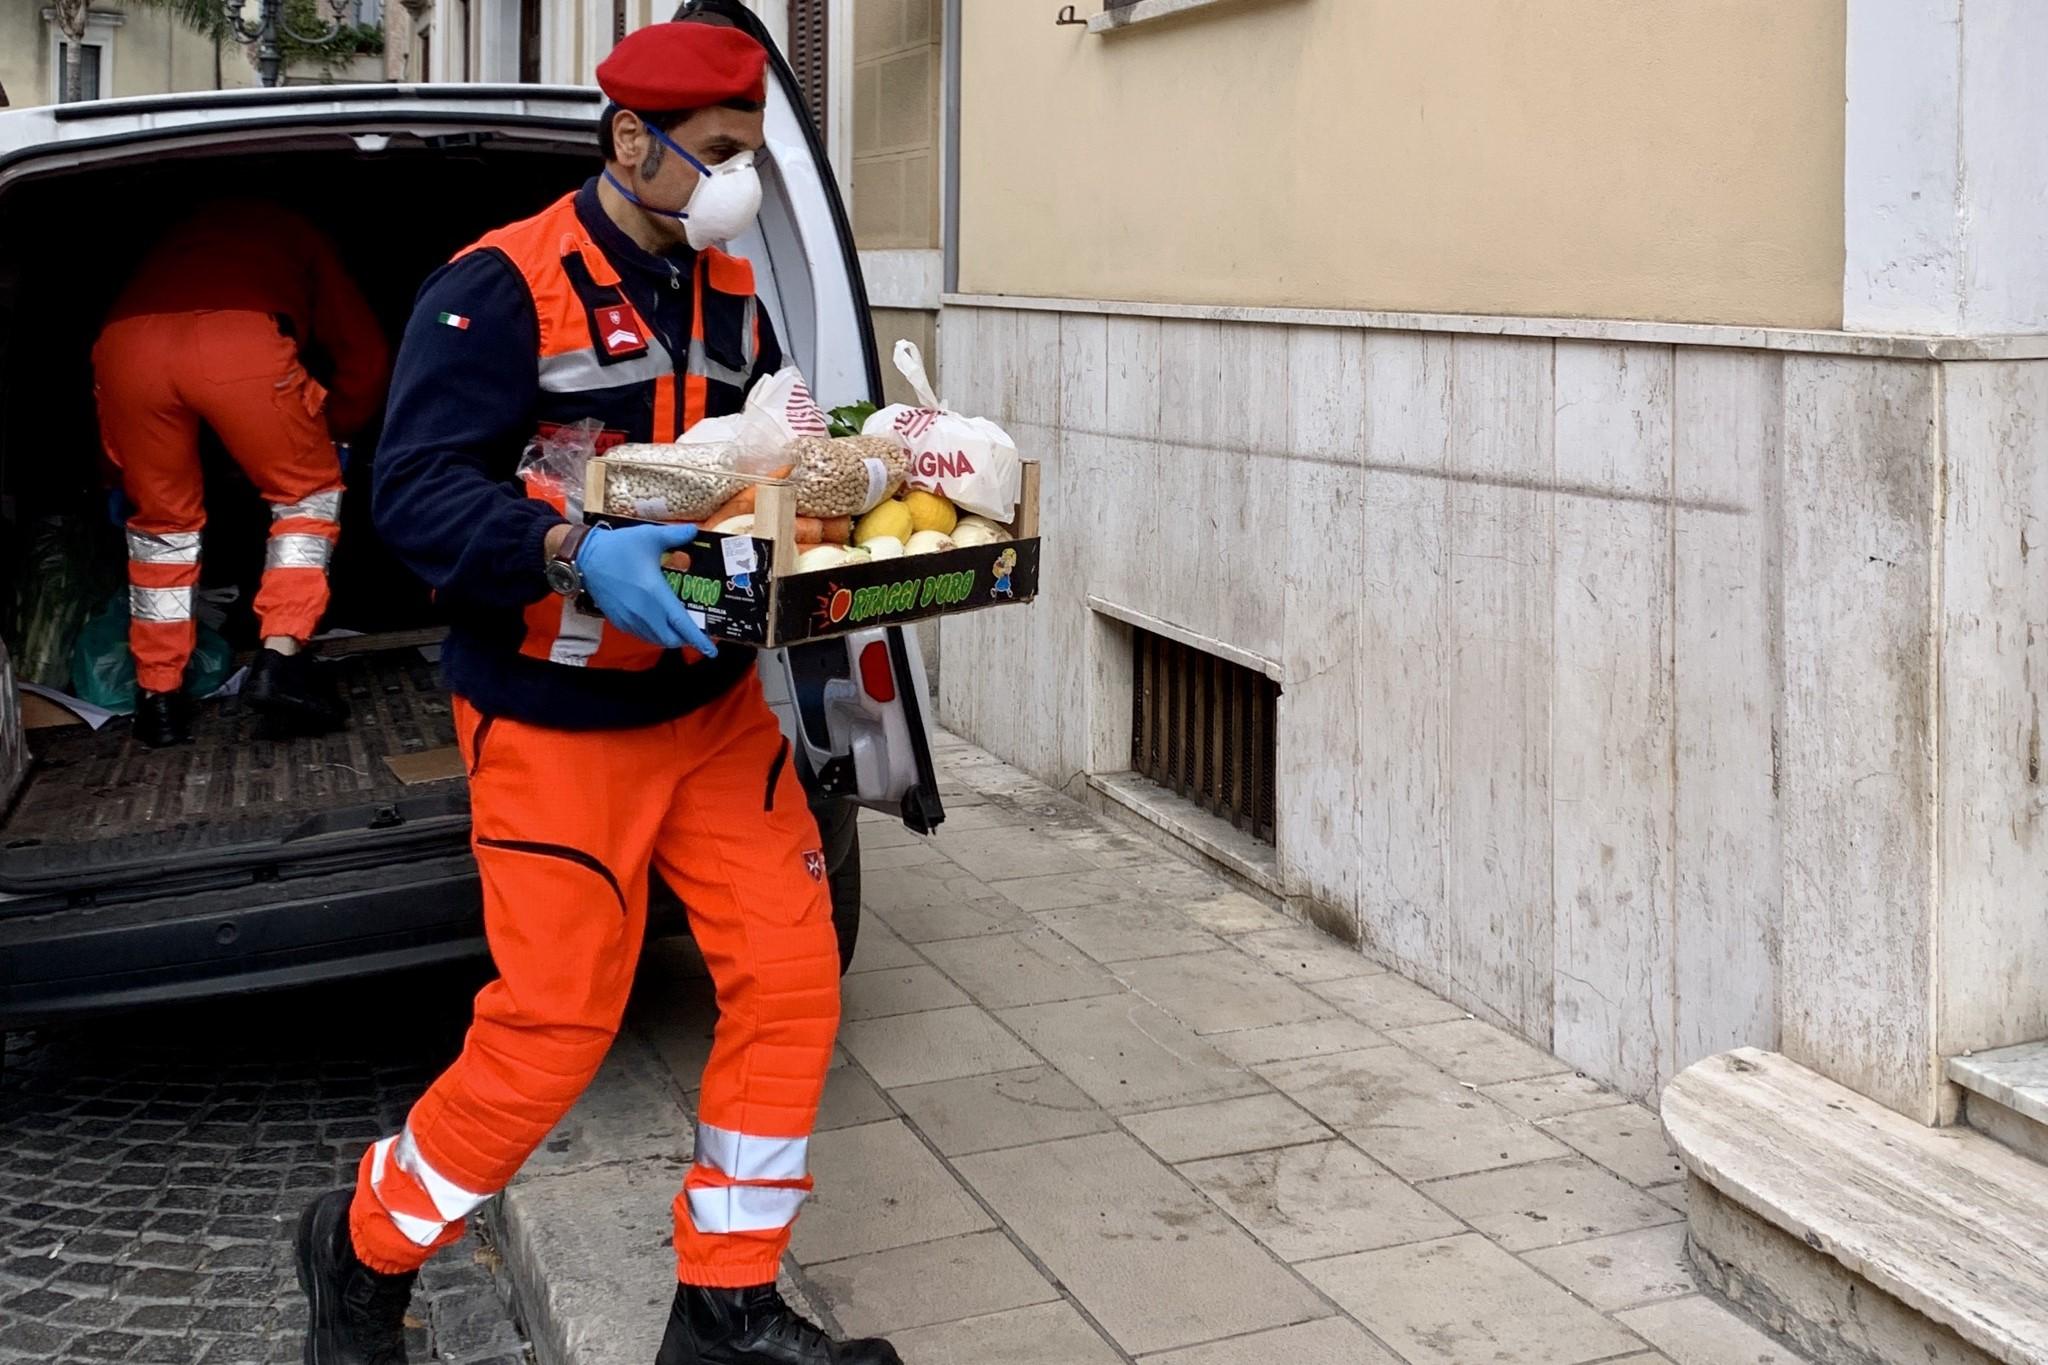 Italy Corona Pandemic